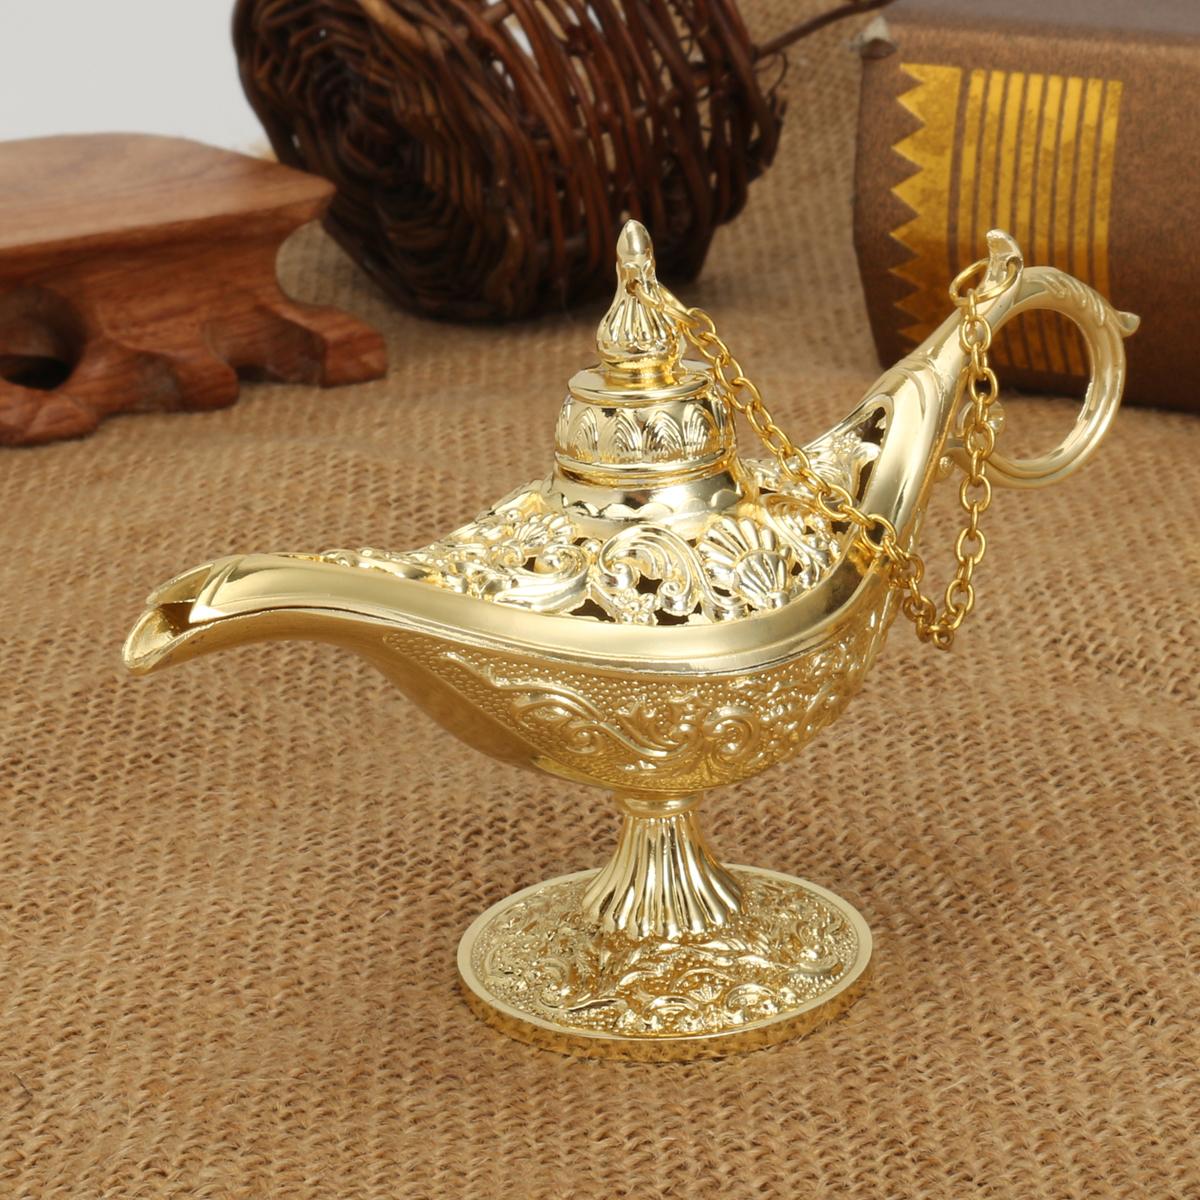 Aladdin Wunderlampe Messing Aladin Lampe Öllampe Gefäß Räuchergefäß Panto Genie